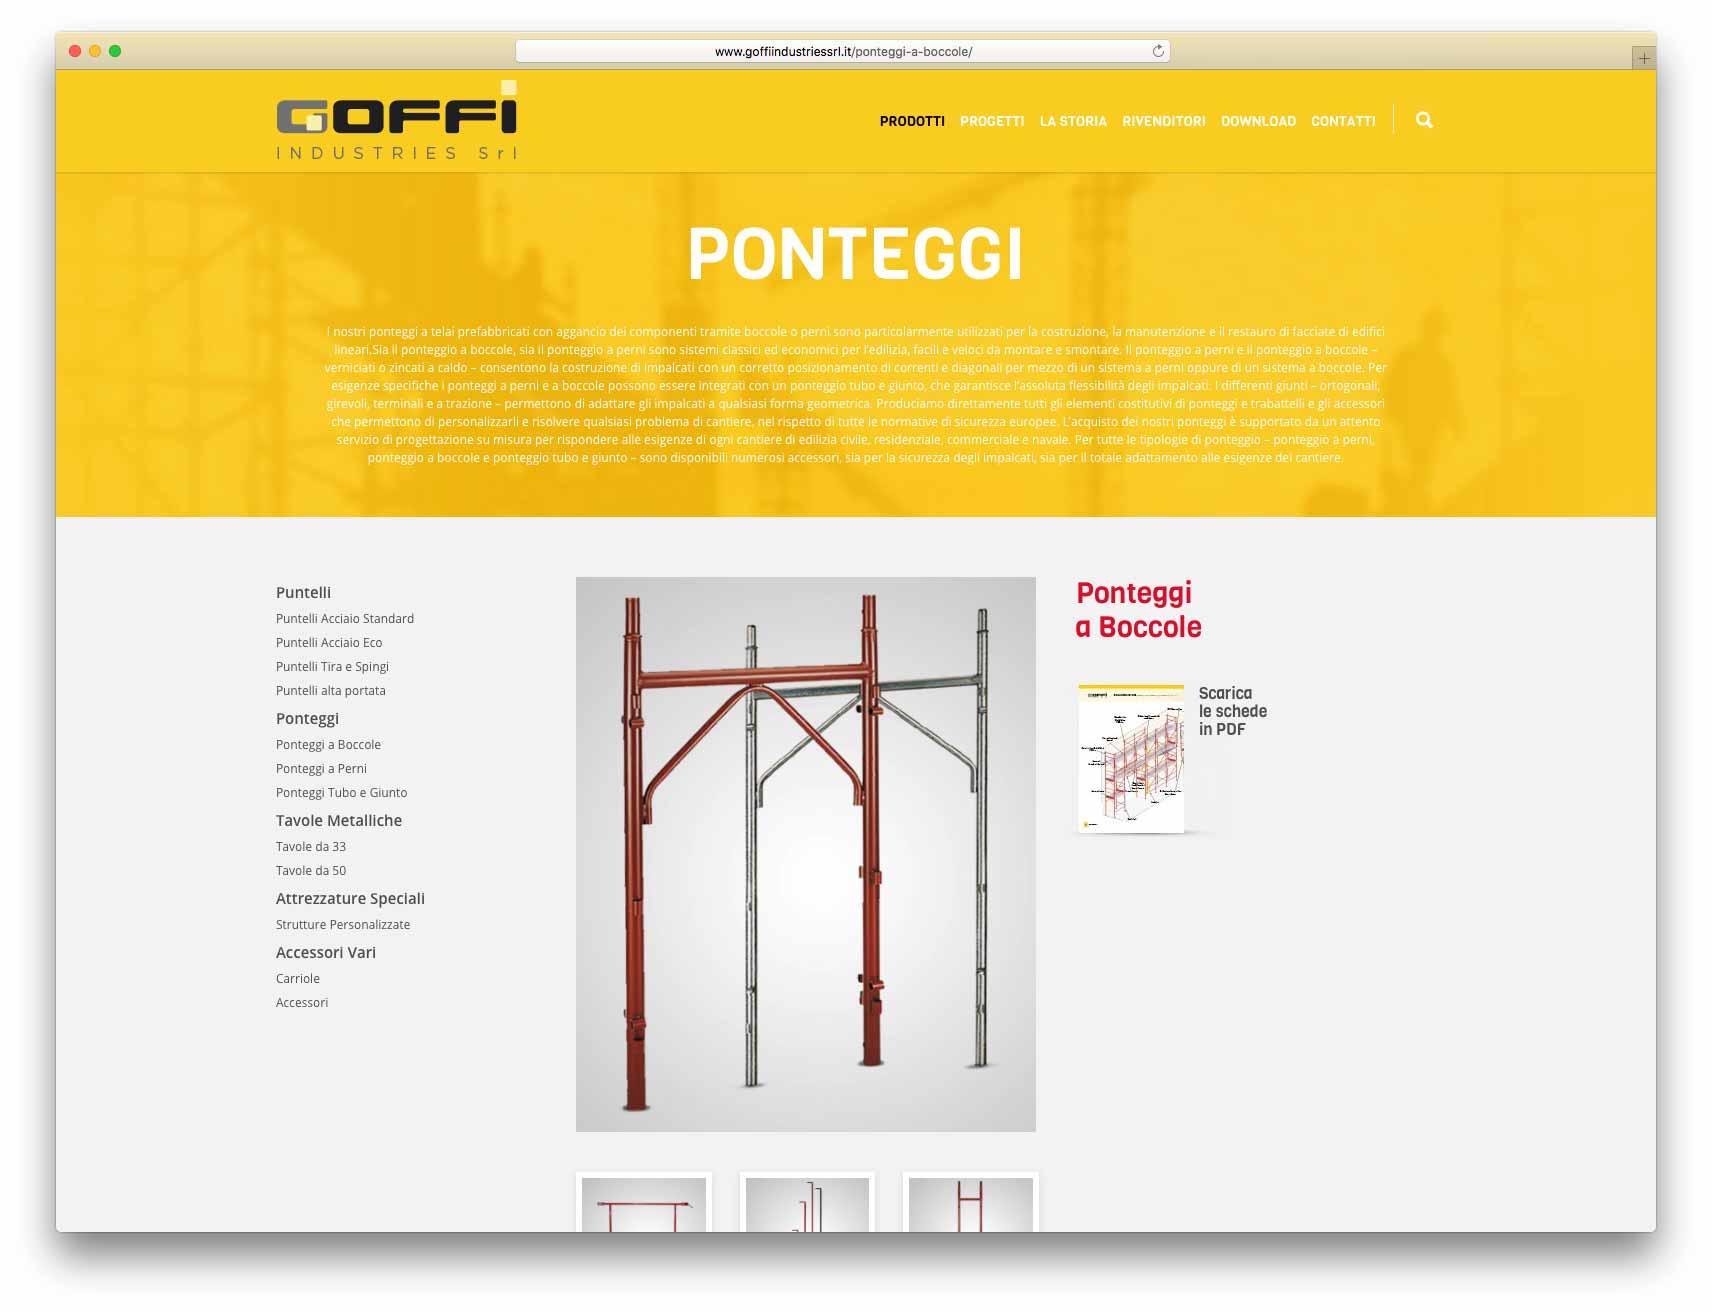 creazione siti web brescia - Agenzia P - sito web Goffi Industries